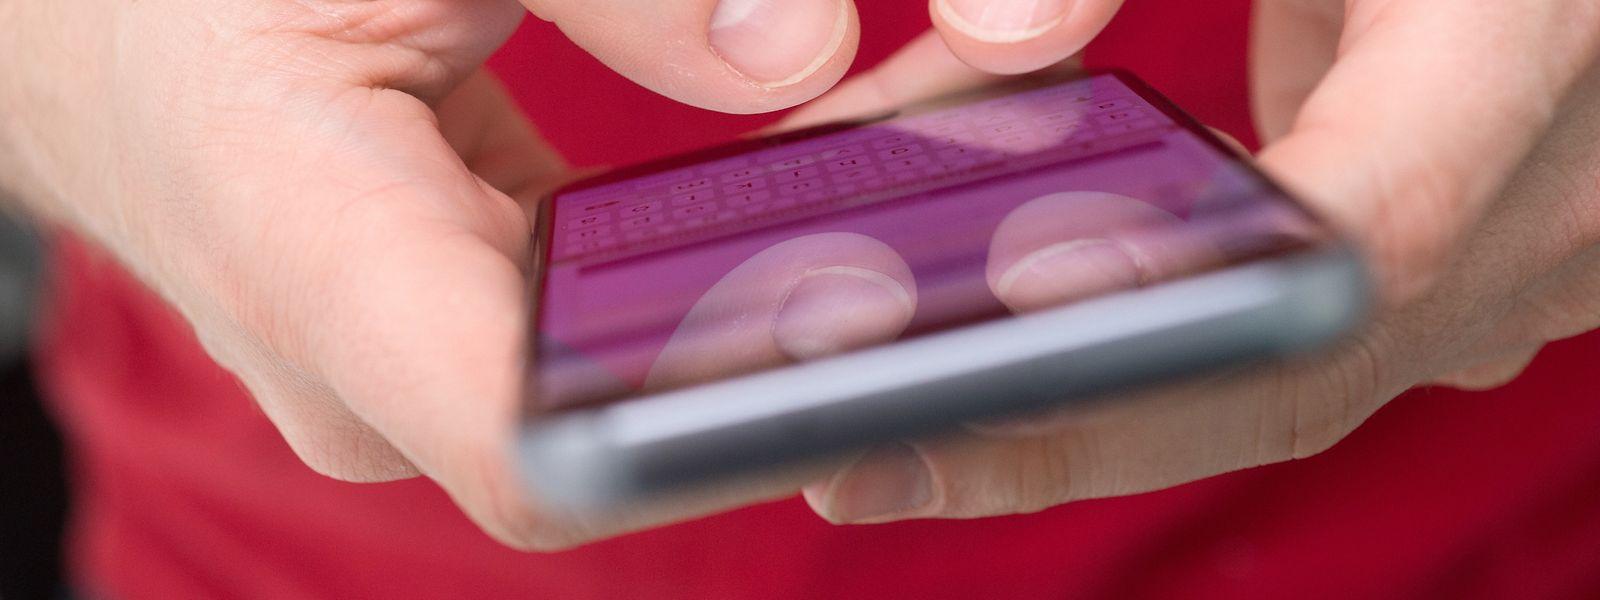 Ein leistungsfähiges Handy ist bereits die halbe Miete. Für noch mehr Spaß sorgen coole Handy-Gadgets.